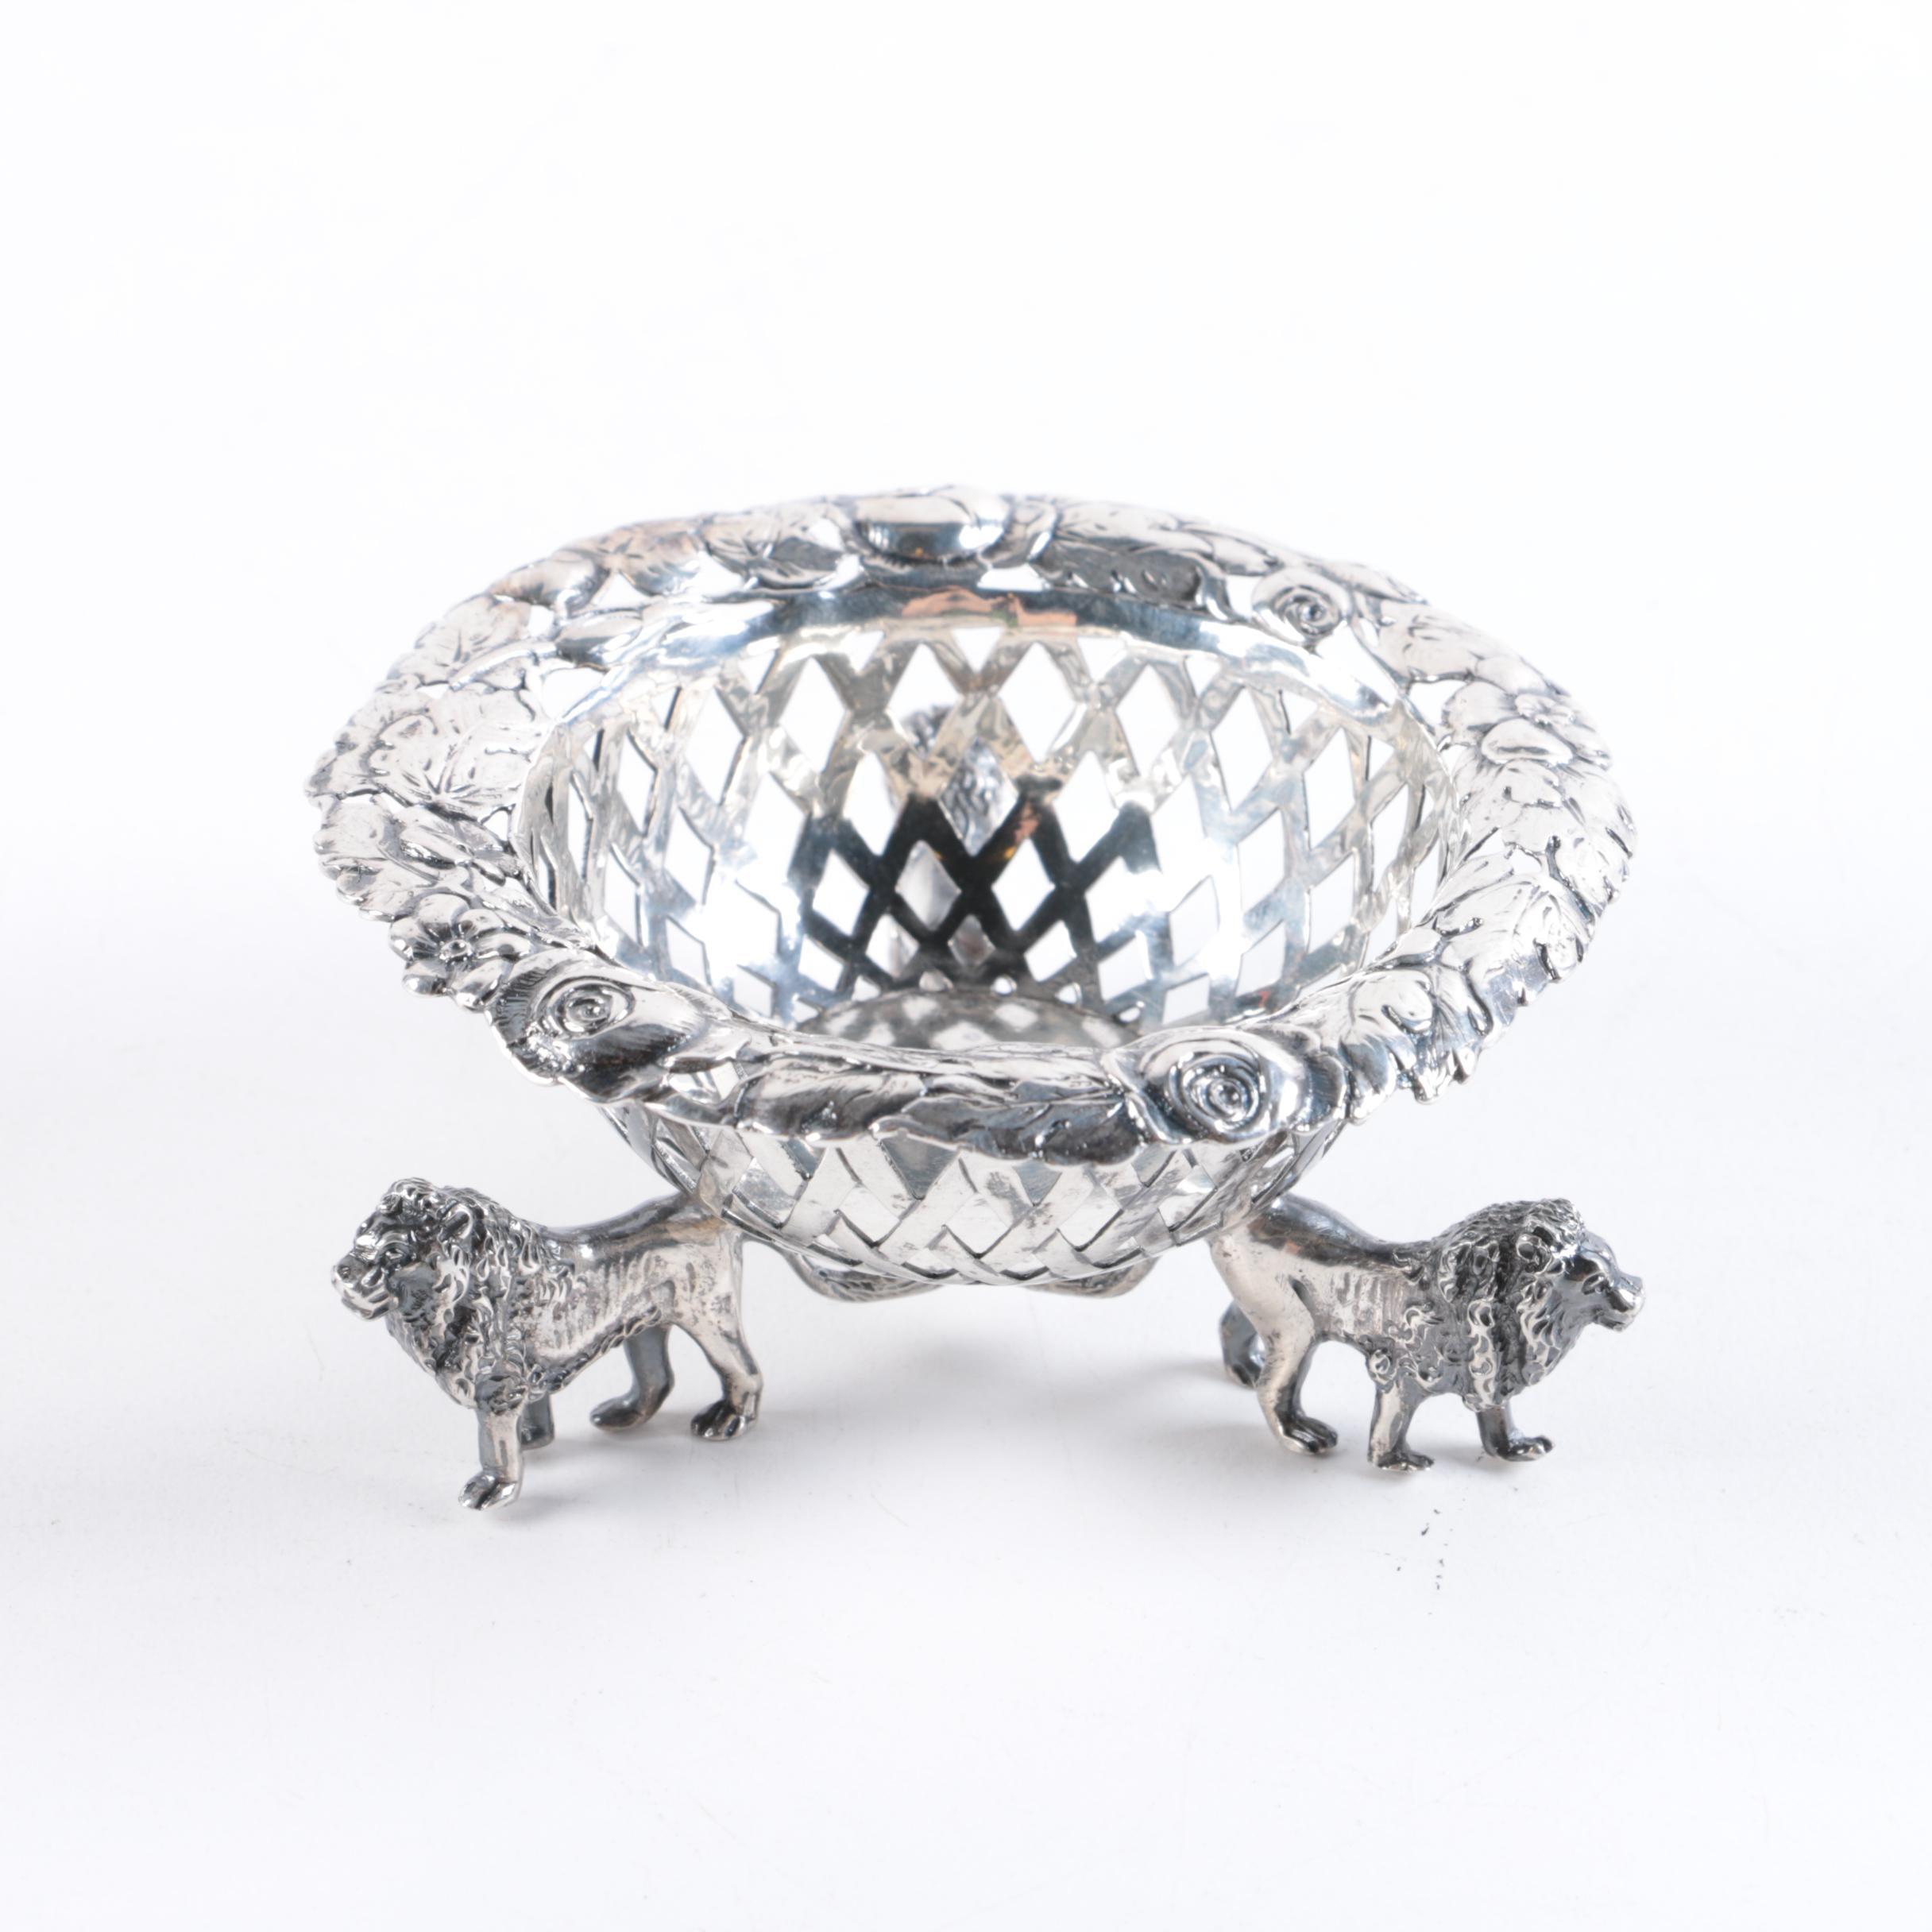 Vintage German 800 Silver Lattice Bowl With Tripod Lion Base